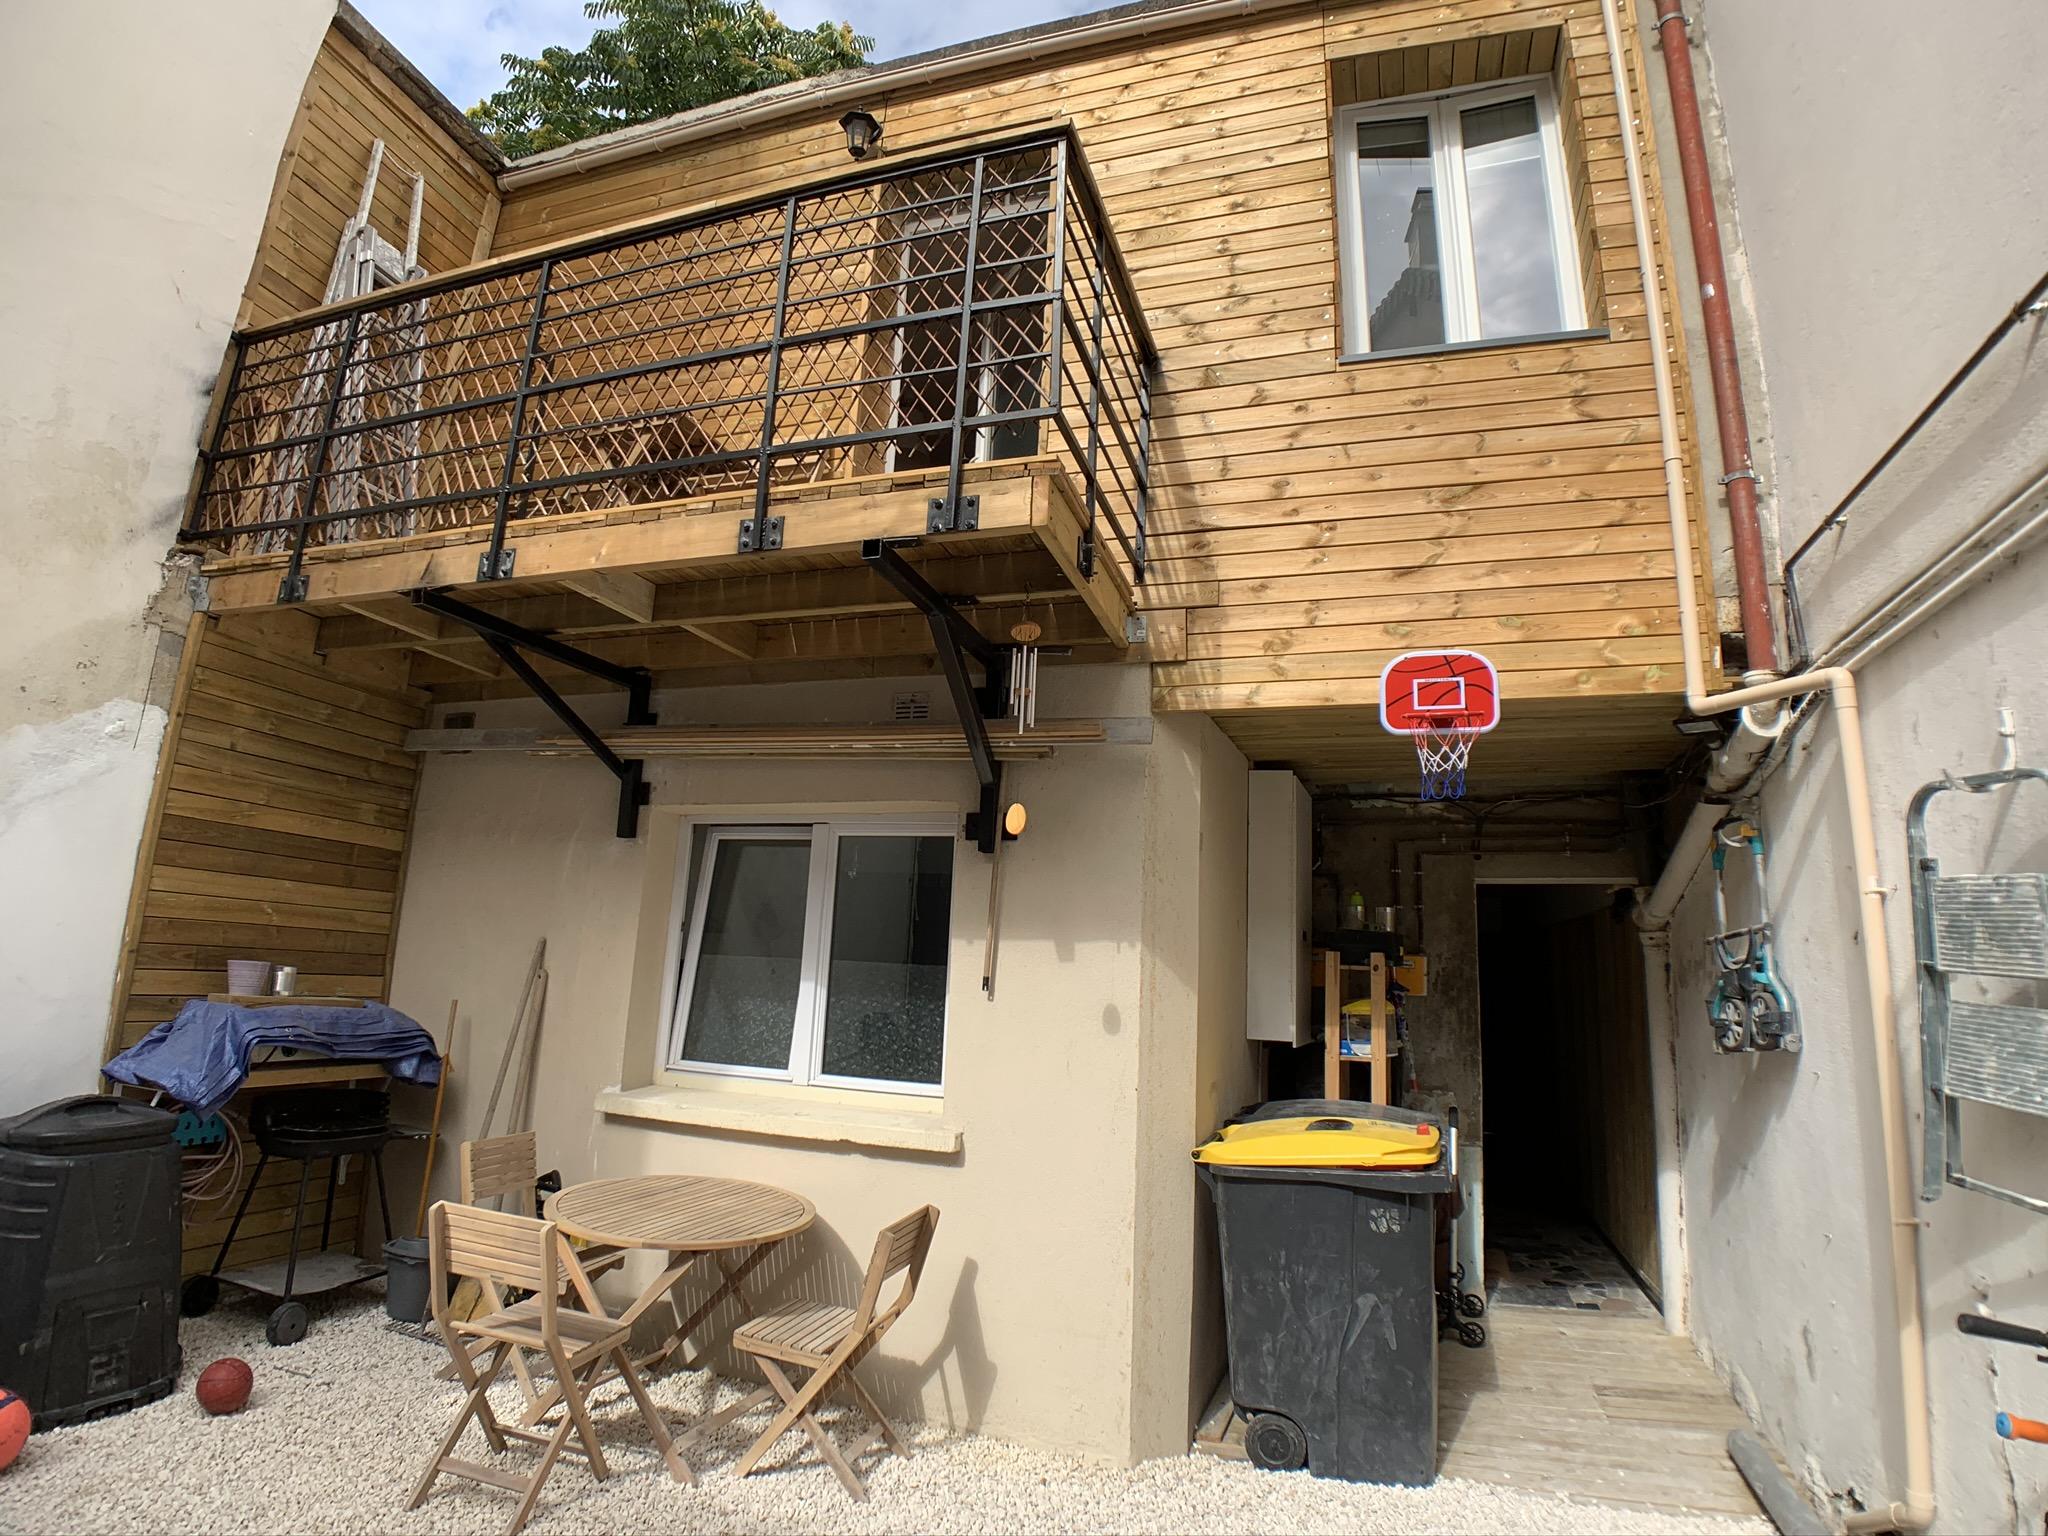 Maison côté cour - Saint Ouen